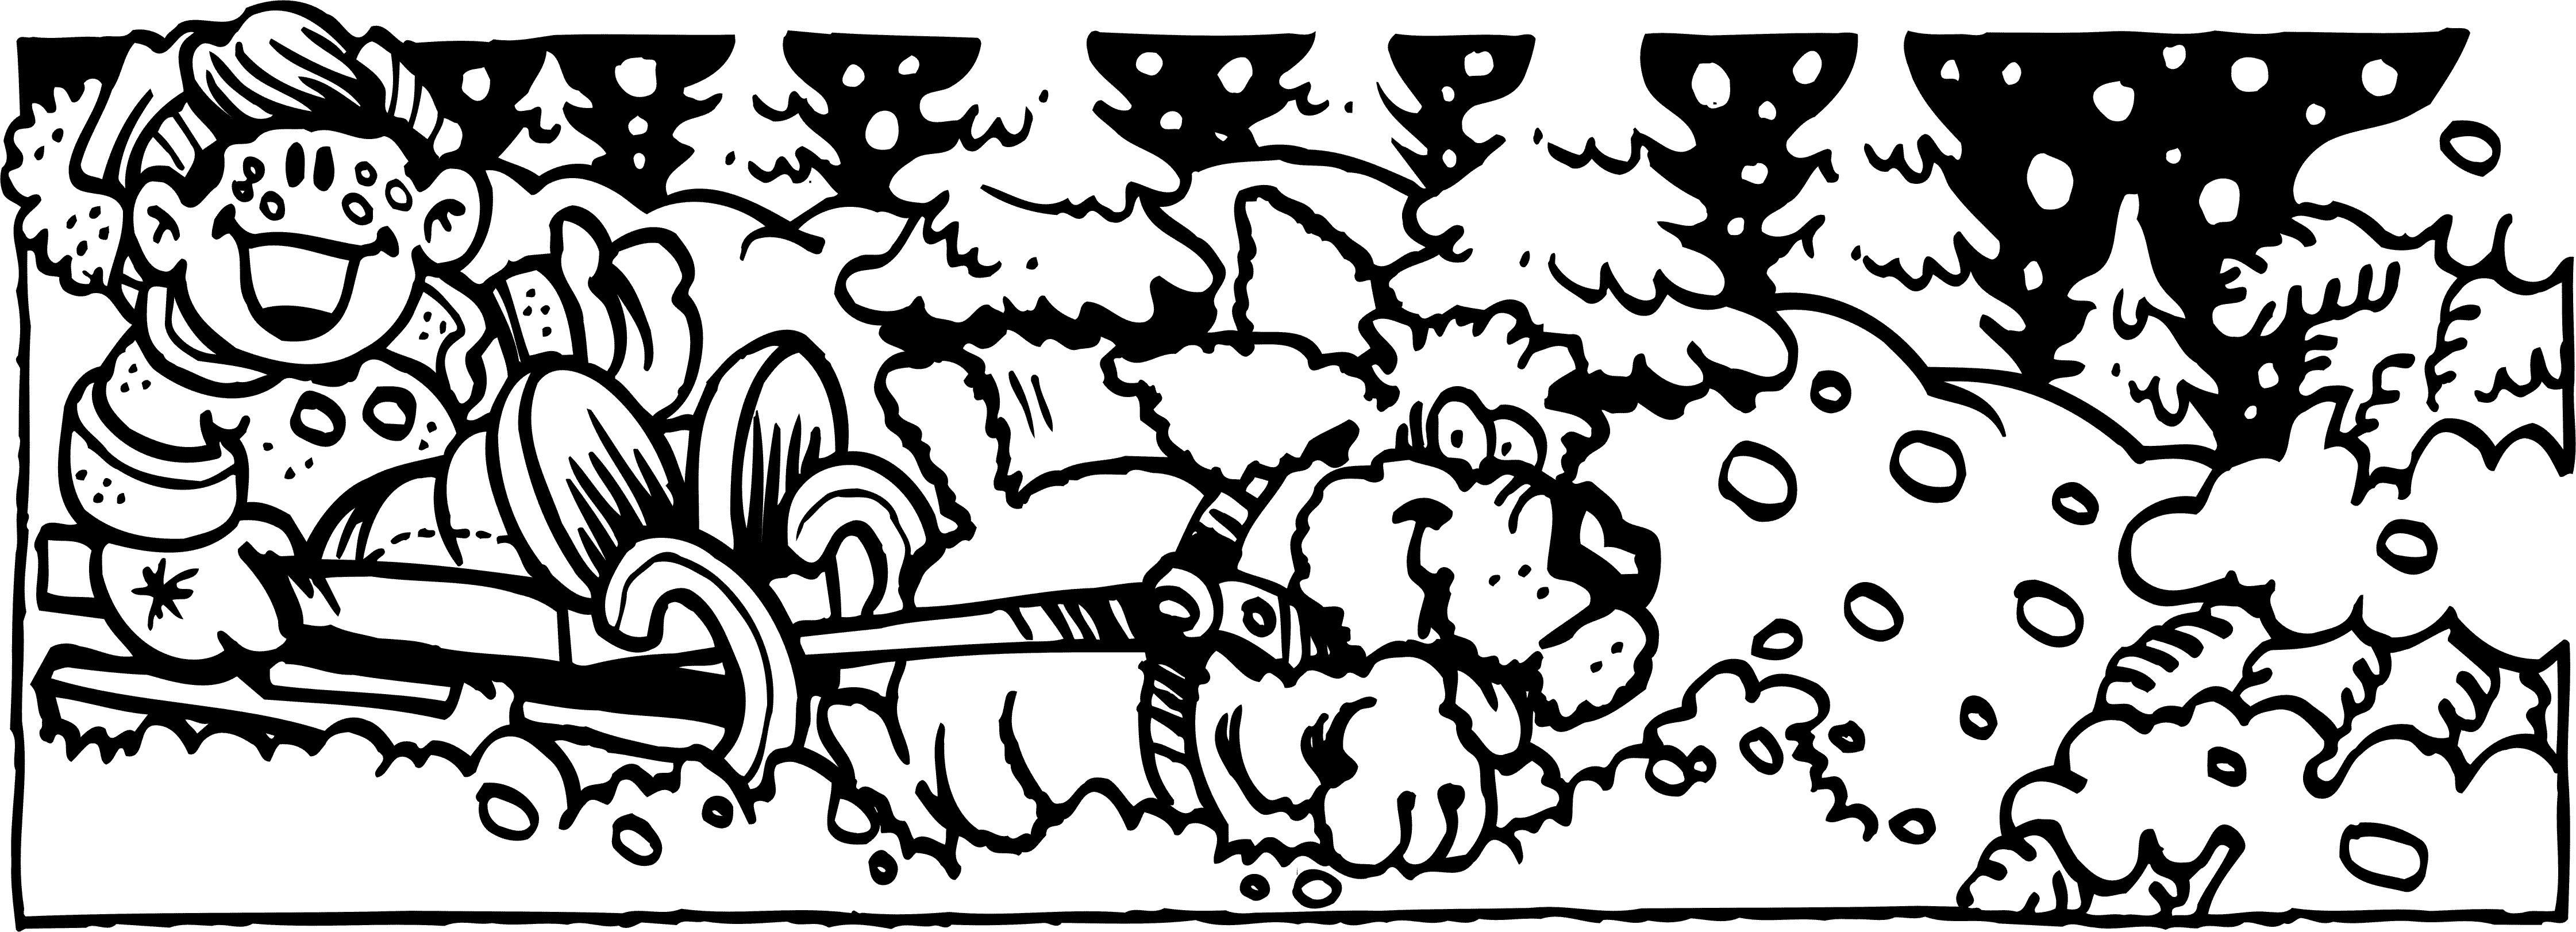 Озорная езда на собаках Раскраска зима распечатать